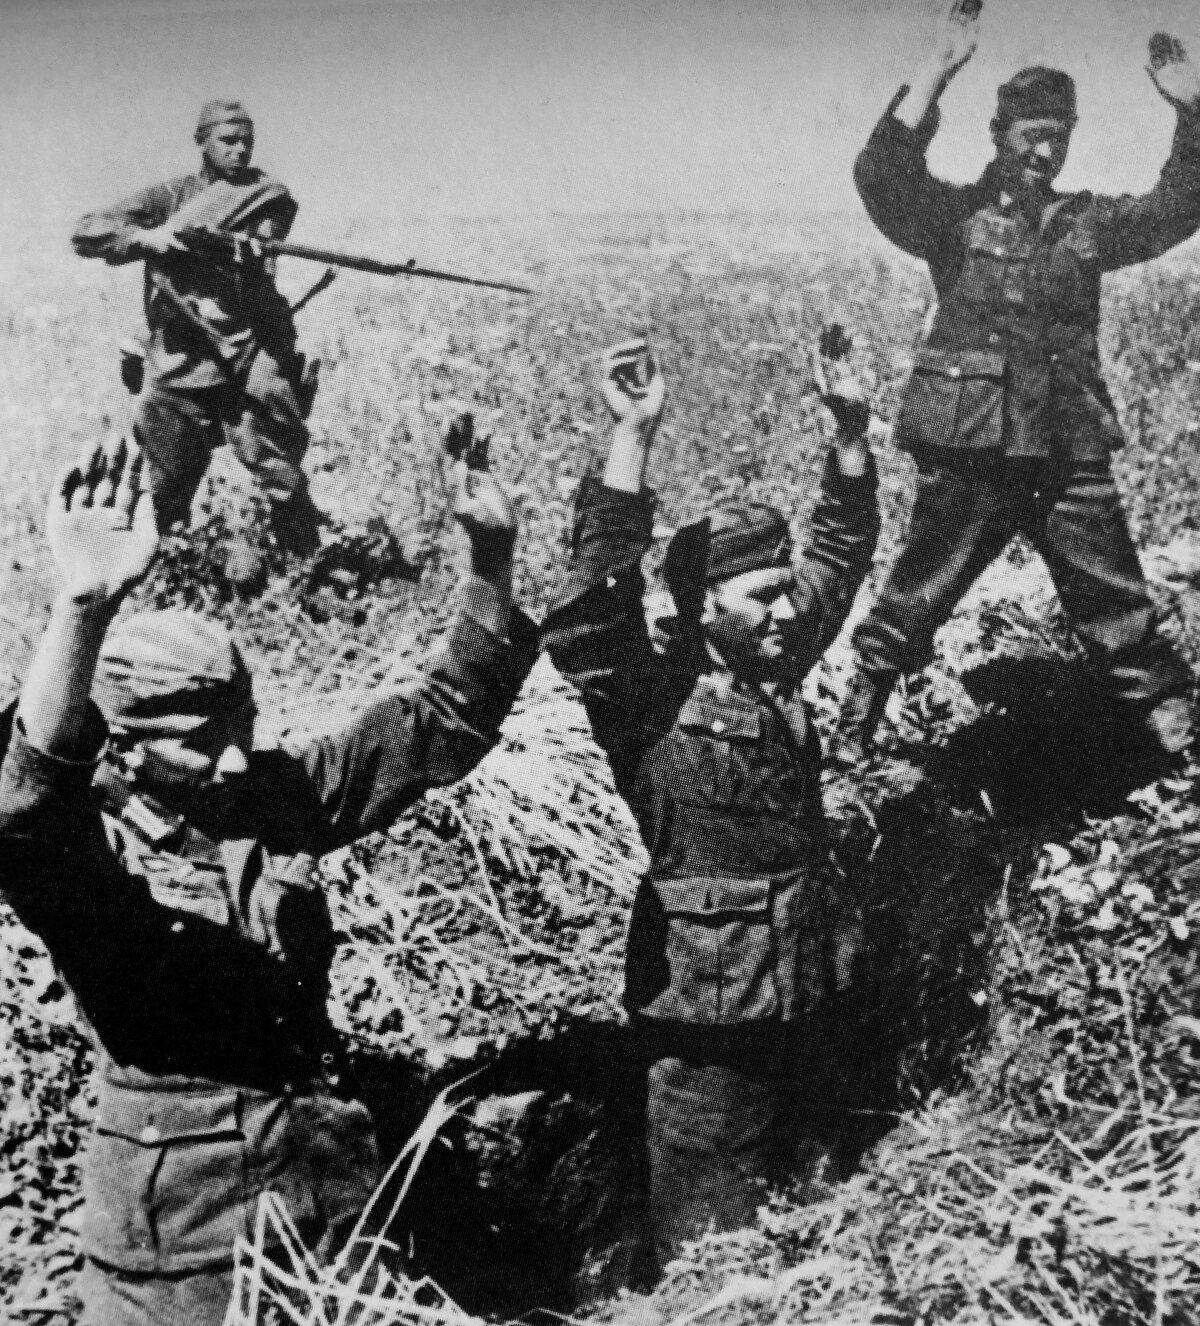 «Красная звезда», 7 августа 1942 года, немецкие военнопленные, немцы в плену, немцы в советском плену, немецкий солдат, лагерь военнопленных